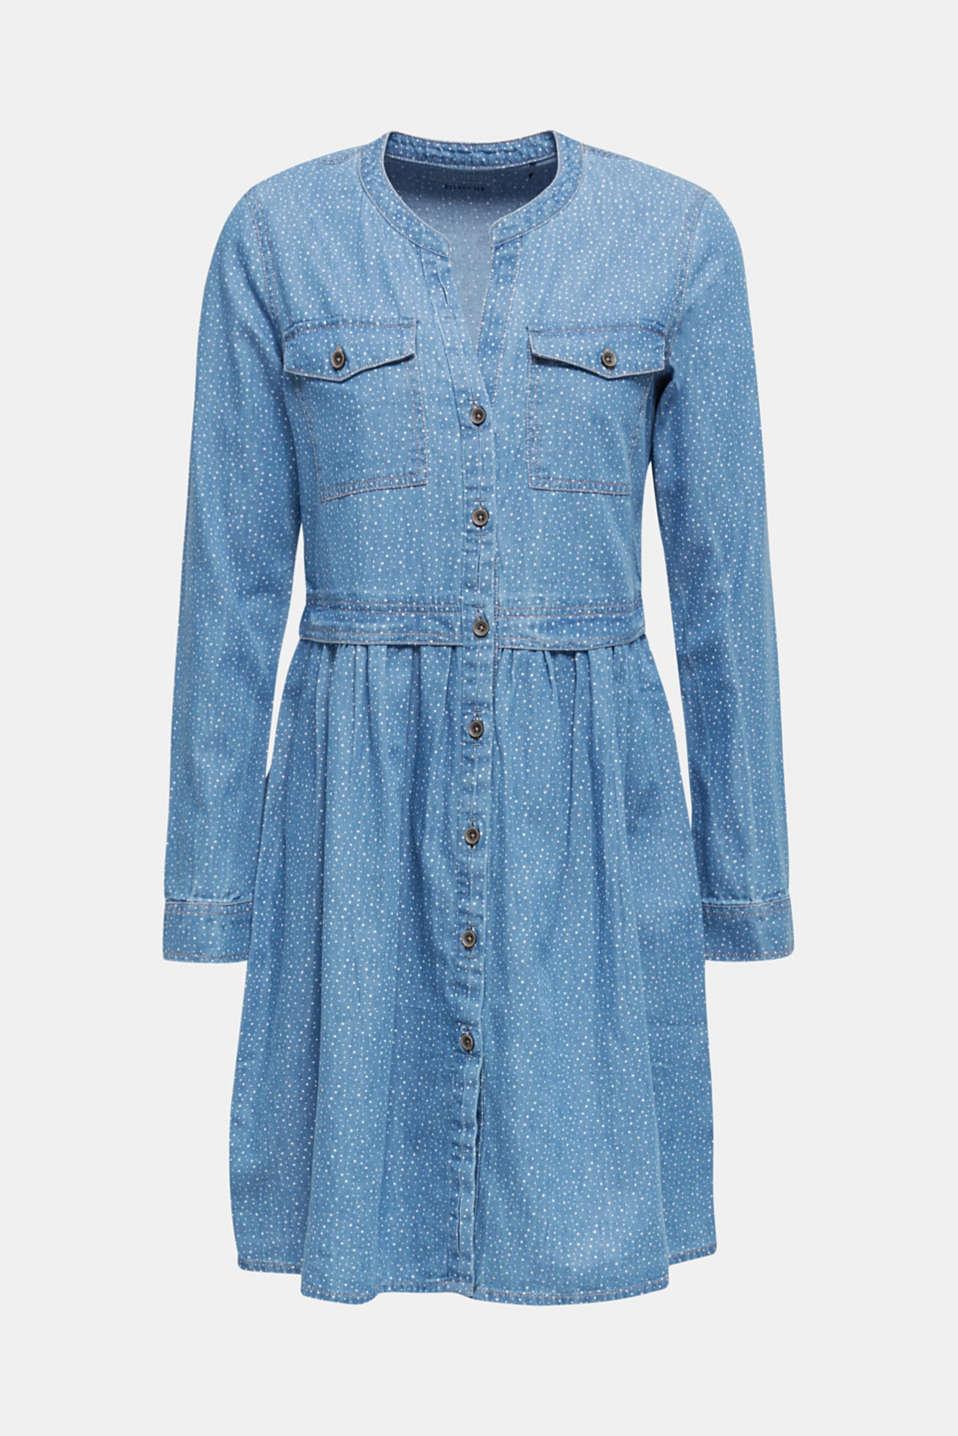 Dresses denim, BLUE LIGHT WASH, detail image number 4